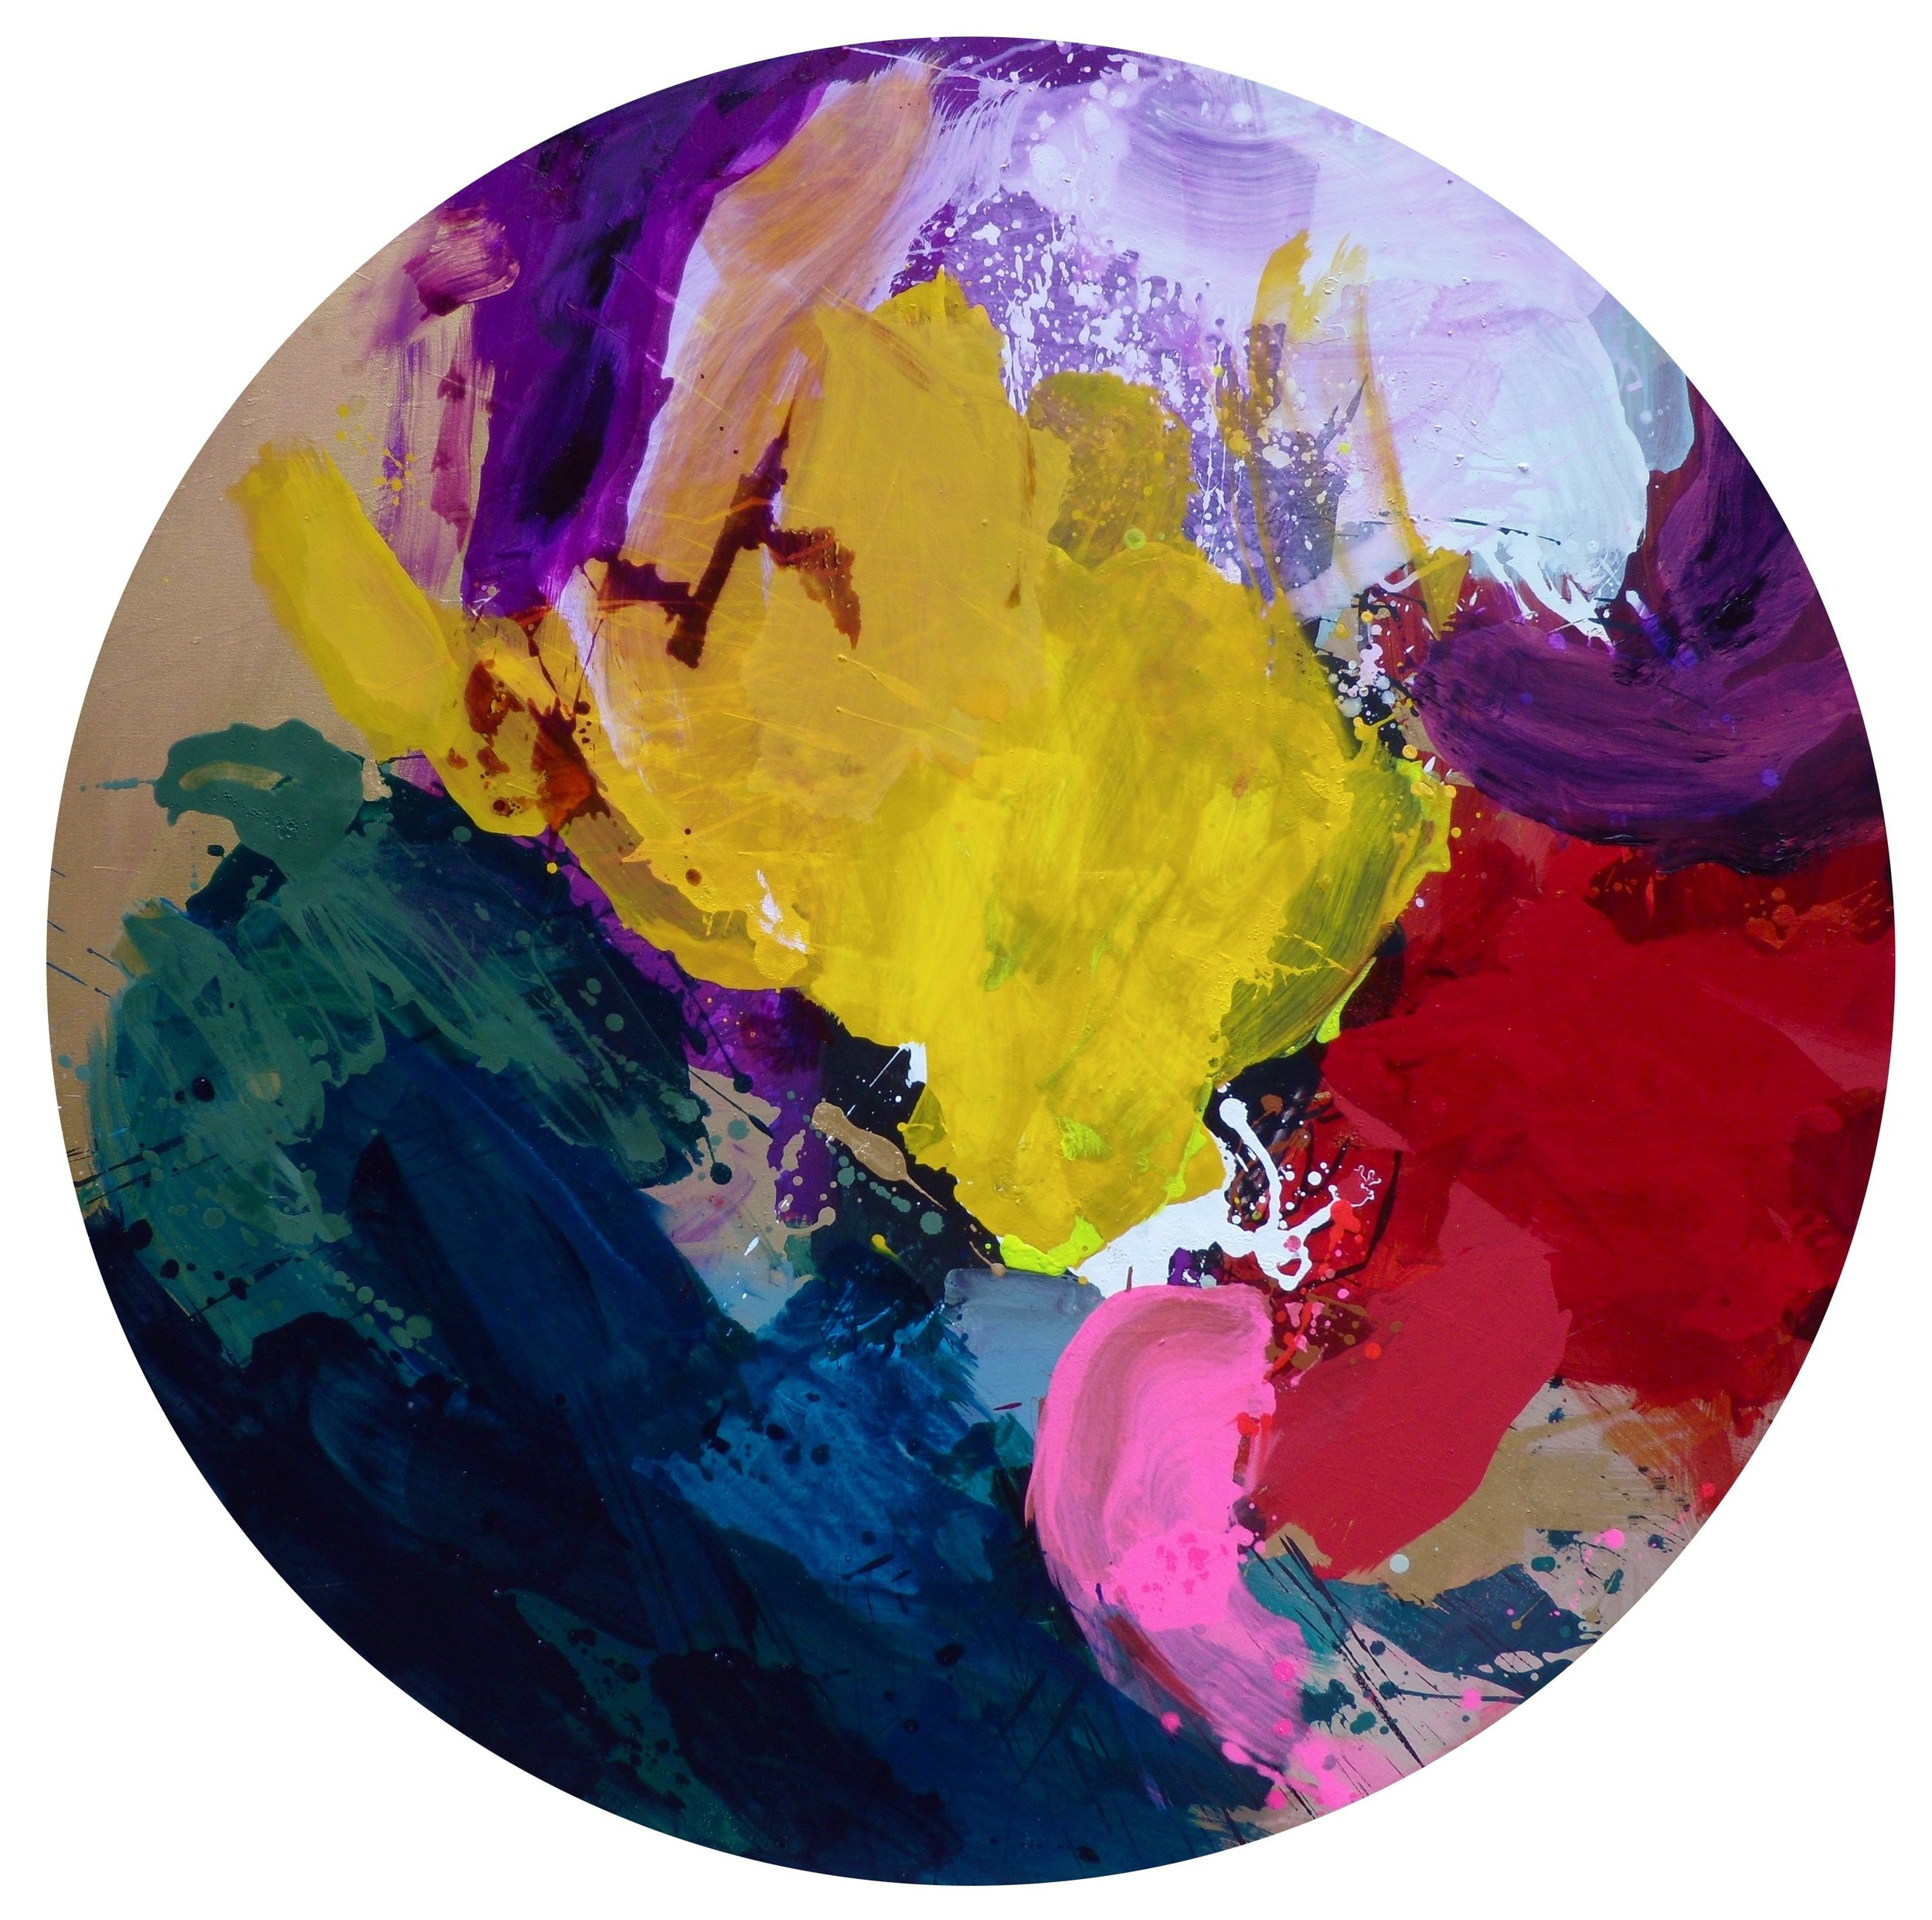 Bulle 2, Diam. 130 cm, Mixed medias on canvas.